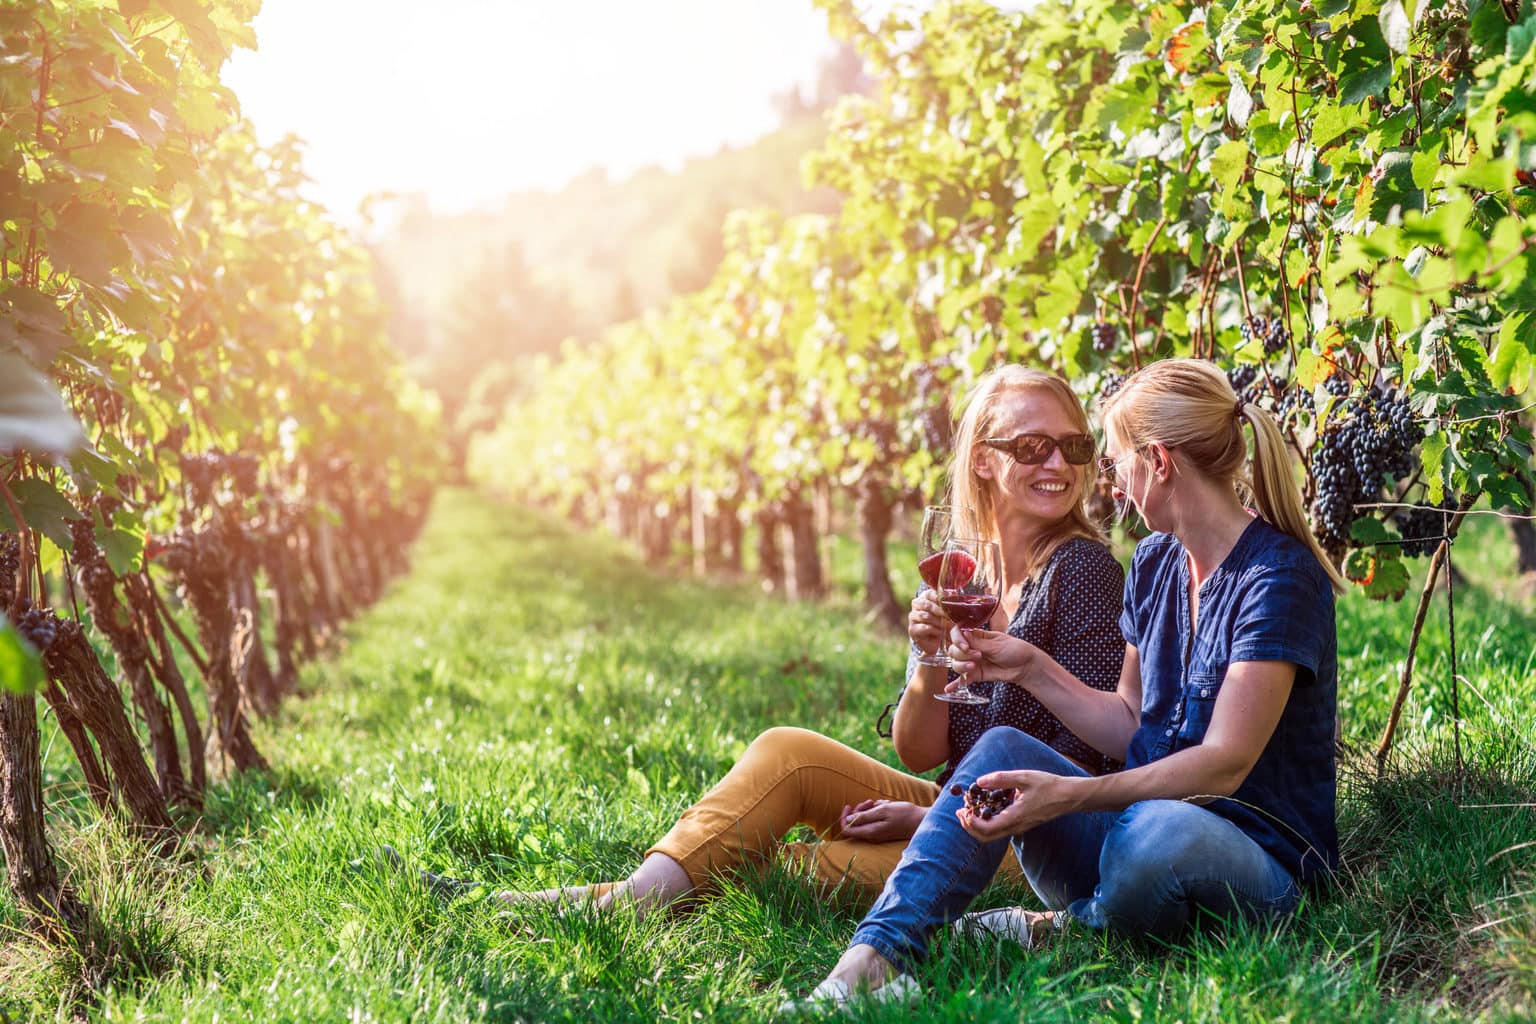 Twee vrouwen drinken wijn tussen de wijnstokken in de regio Saale-Unstrut in het oosten van Duitsland